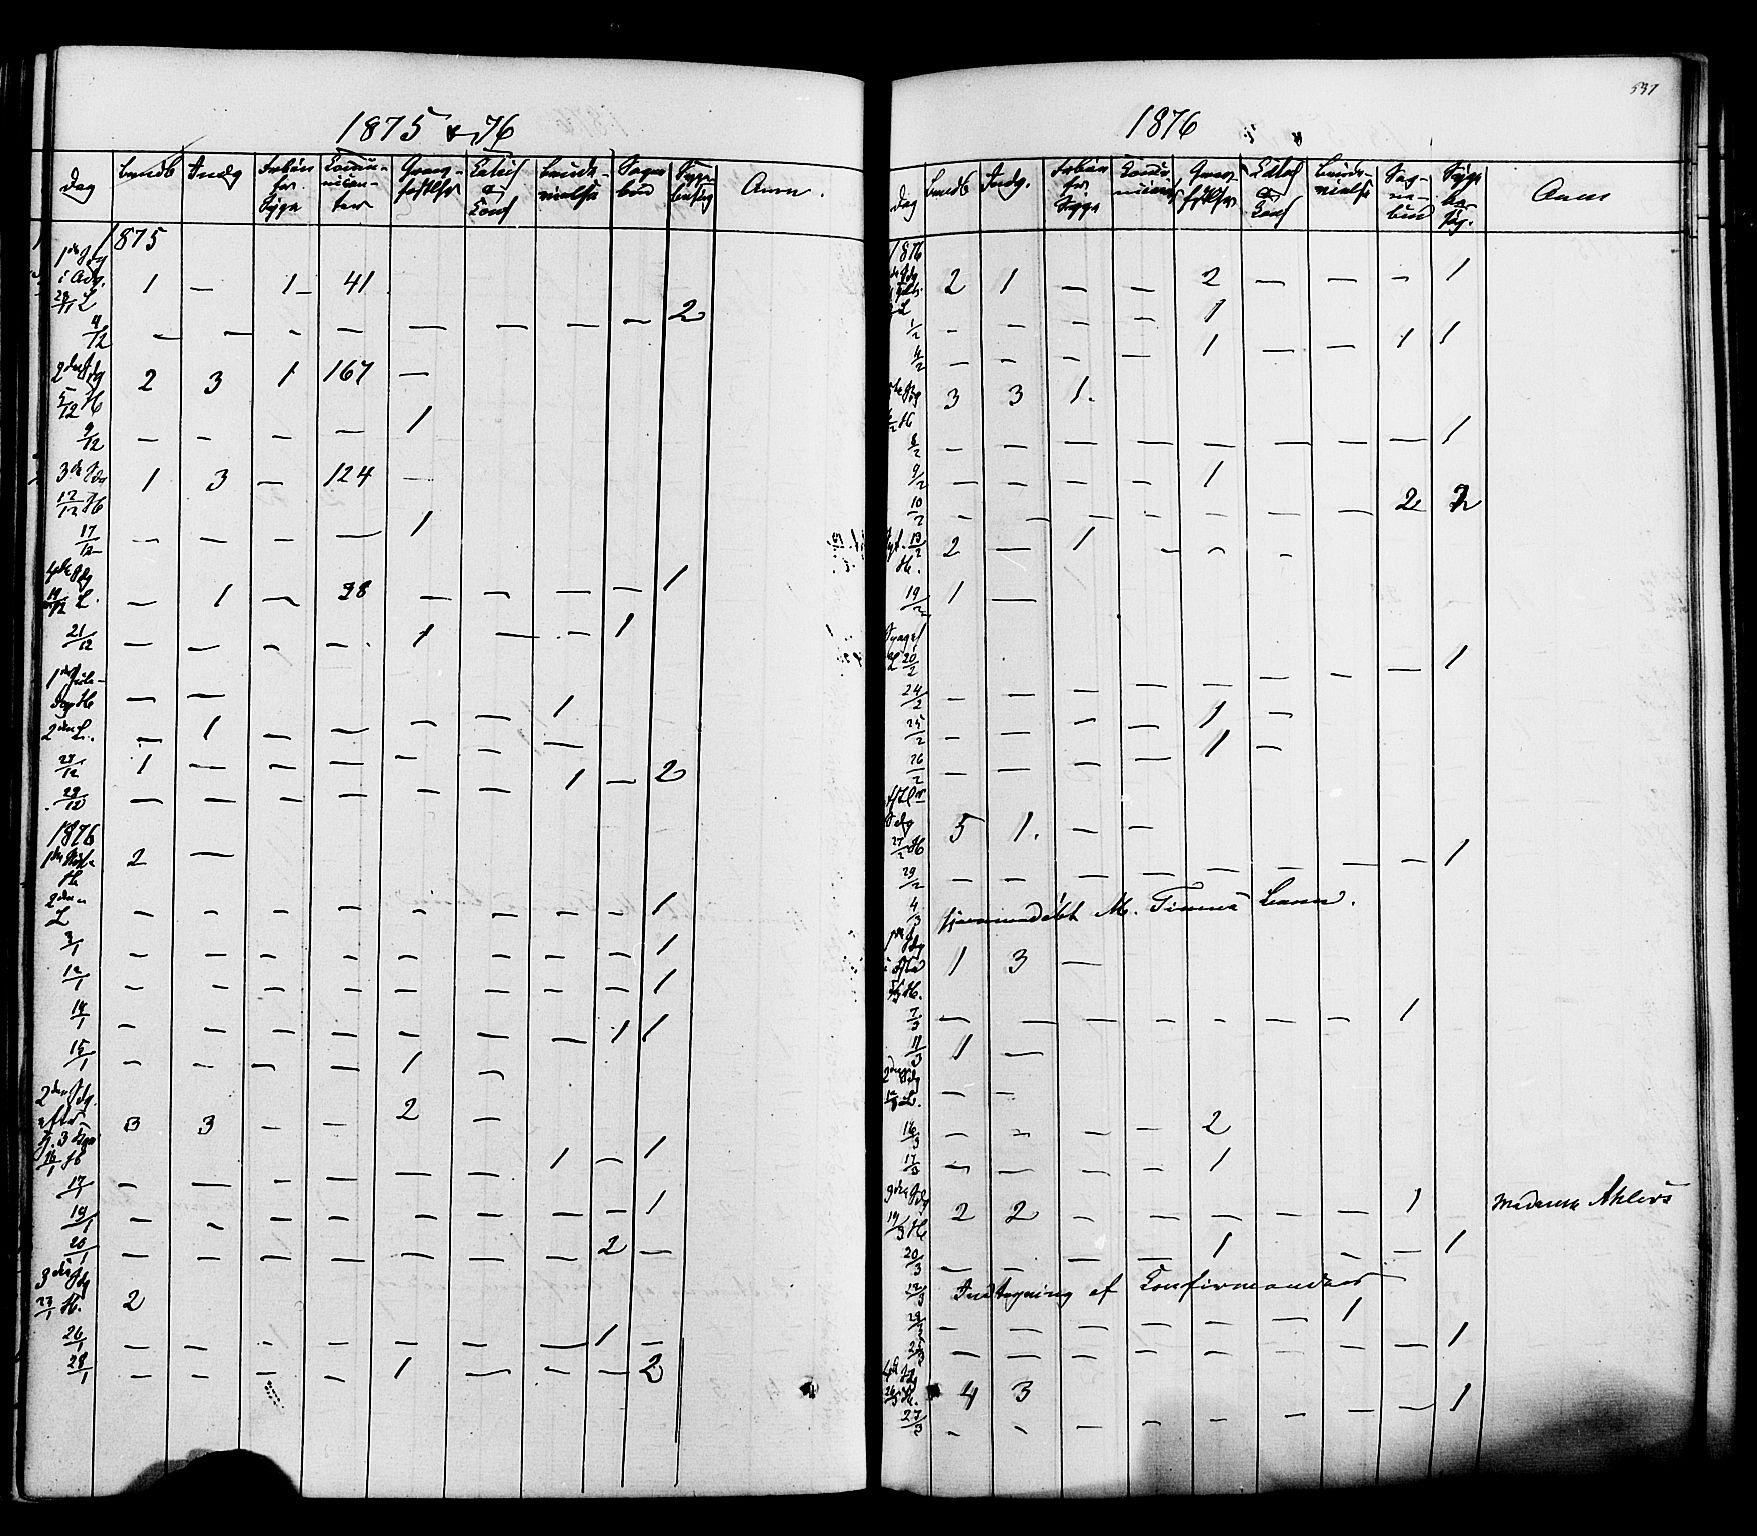 SAKO, Heddal kirkebøker, F/Fa/L0007: Ministerialbok nr. I 7, 1855-1877, s. 537